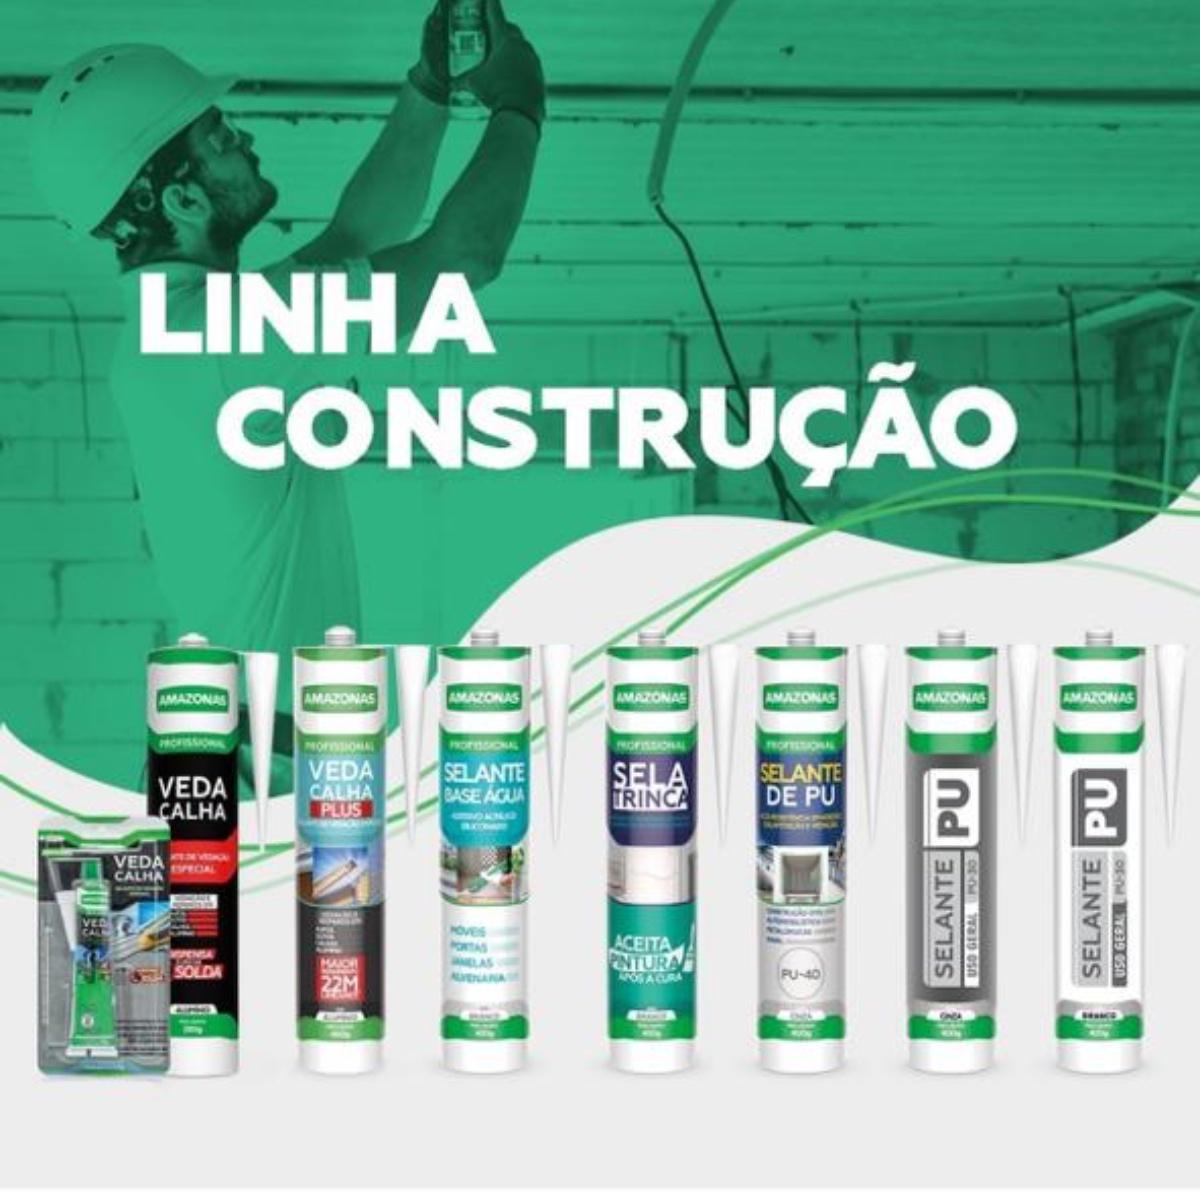 Adesivo Veda Calha Selante Vedação Amazonas 280g Kit 5 Uni